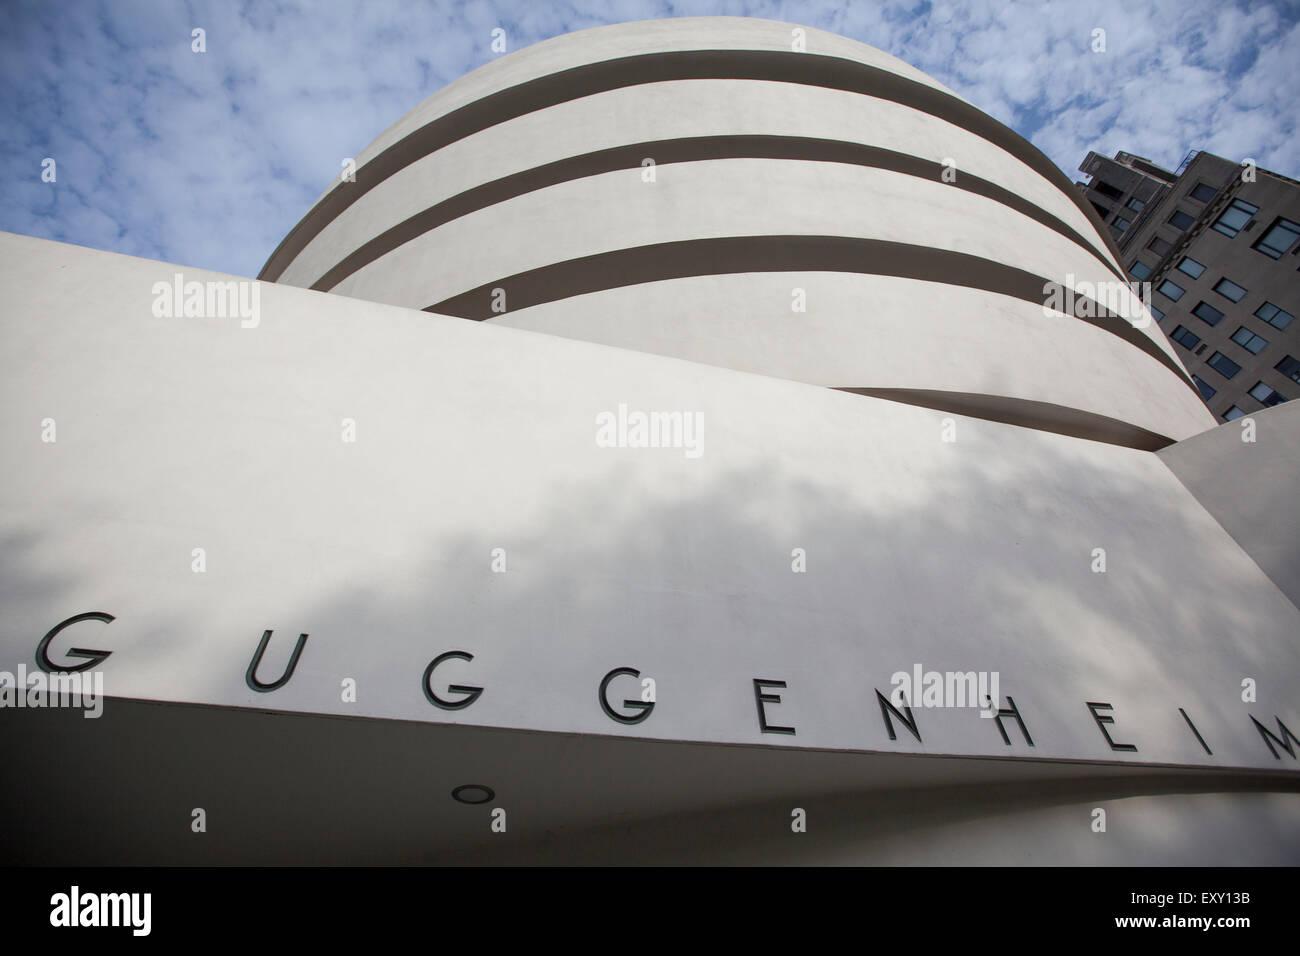 NEW YORK - 27 Maggio 2015: Il Museo Solomon R. Guggenheim, spesso indicato come il Guggenheim è un'arte museo situato a 1071 Foto Stock